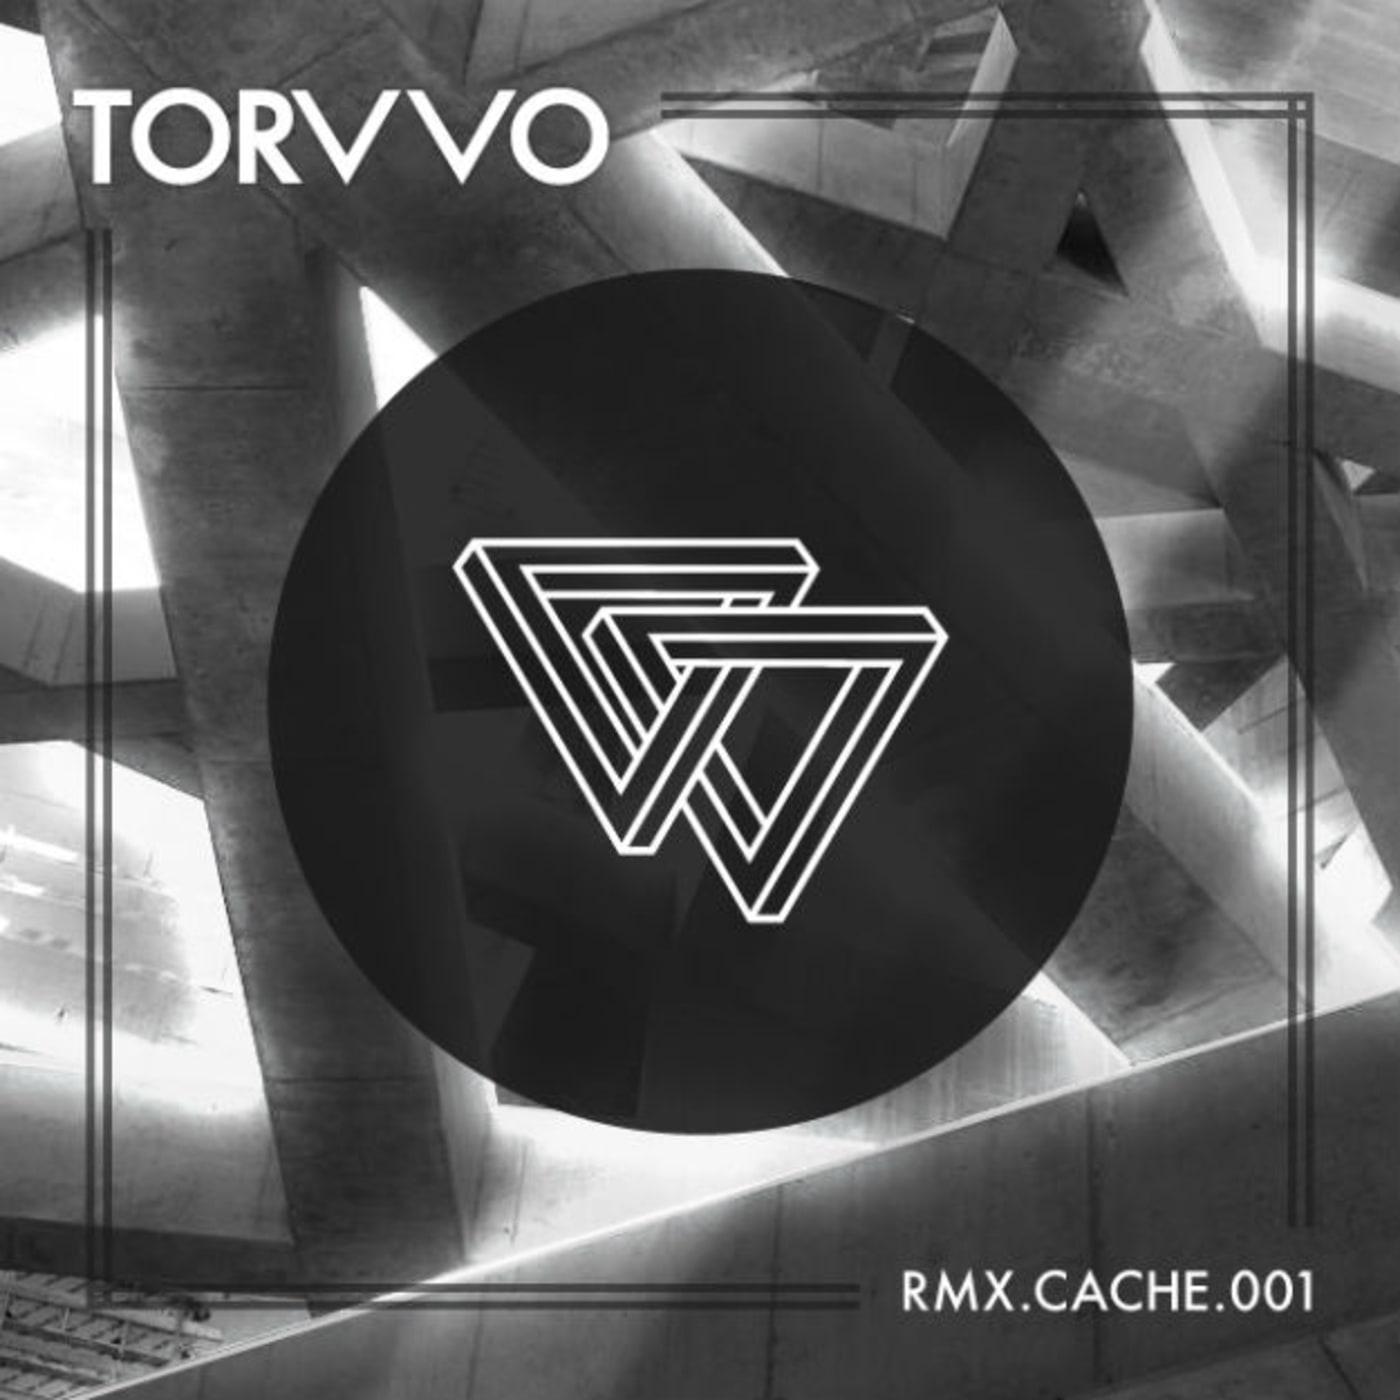 Torvvo RMX Cache 001